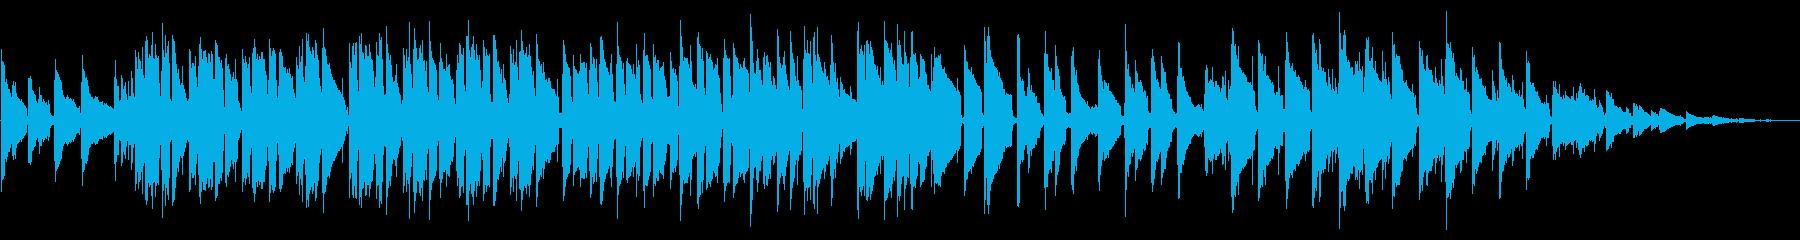 映像、CM向けのアコースティックサウンドの再生済みの波形